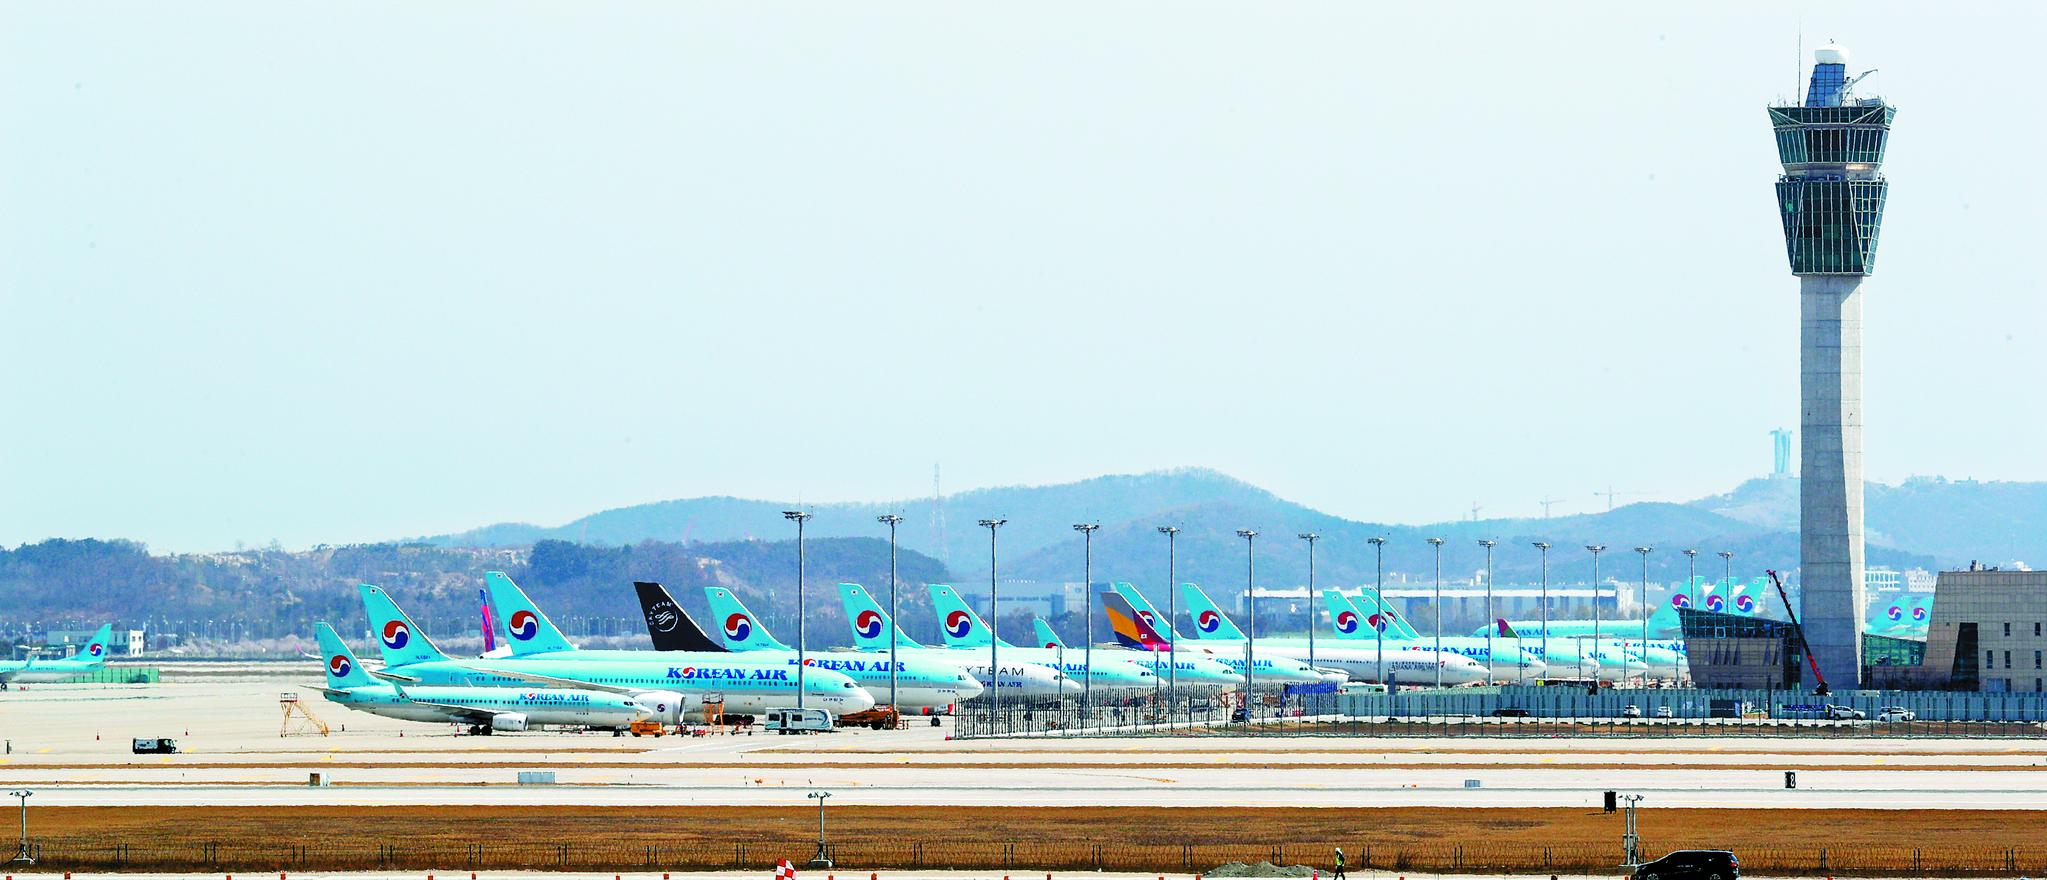 코로나 19 여파로 항공 운항이 대부분 중단되면서 여객기들이 인천공항 계류장에 대거 주기돼 있다. [뉴스1]